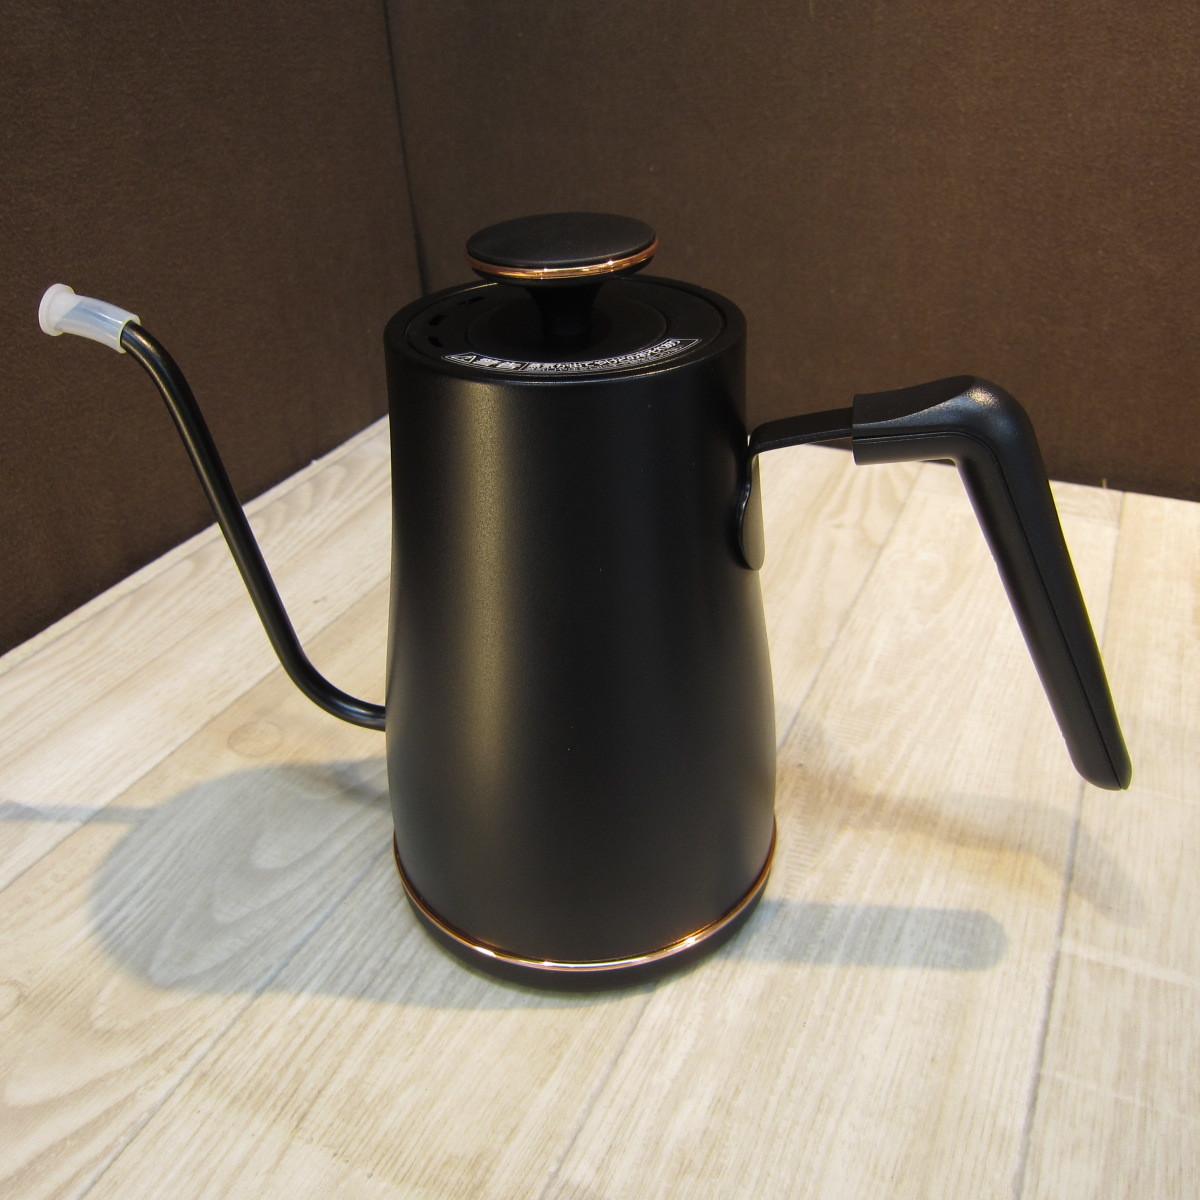 S6230【未使用】[山善] 電気ケトル 電気ポット 0.8L (消費電力 1200W / 温度設定/保温/空焚き防止) ブラックブロンズ EGL-C1280(BB)